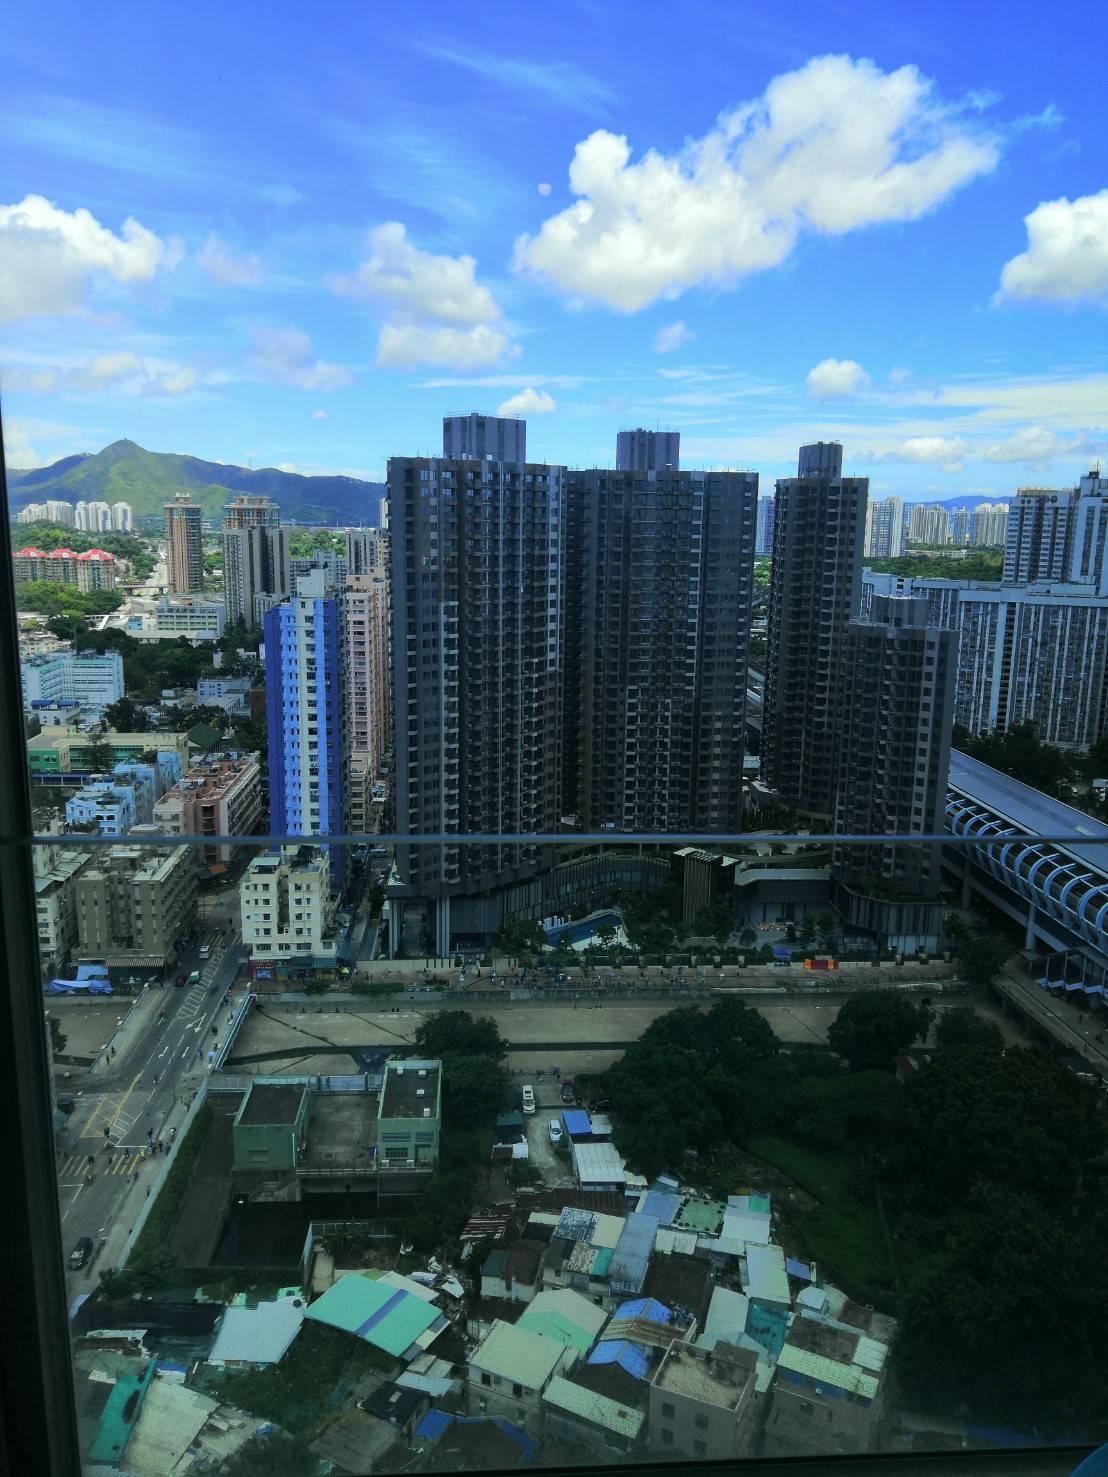 世宙💗超抵近鐵🚅2房高層💗遠景🌌原裝🛠️半新樓🏢